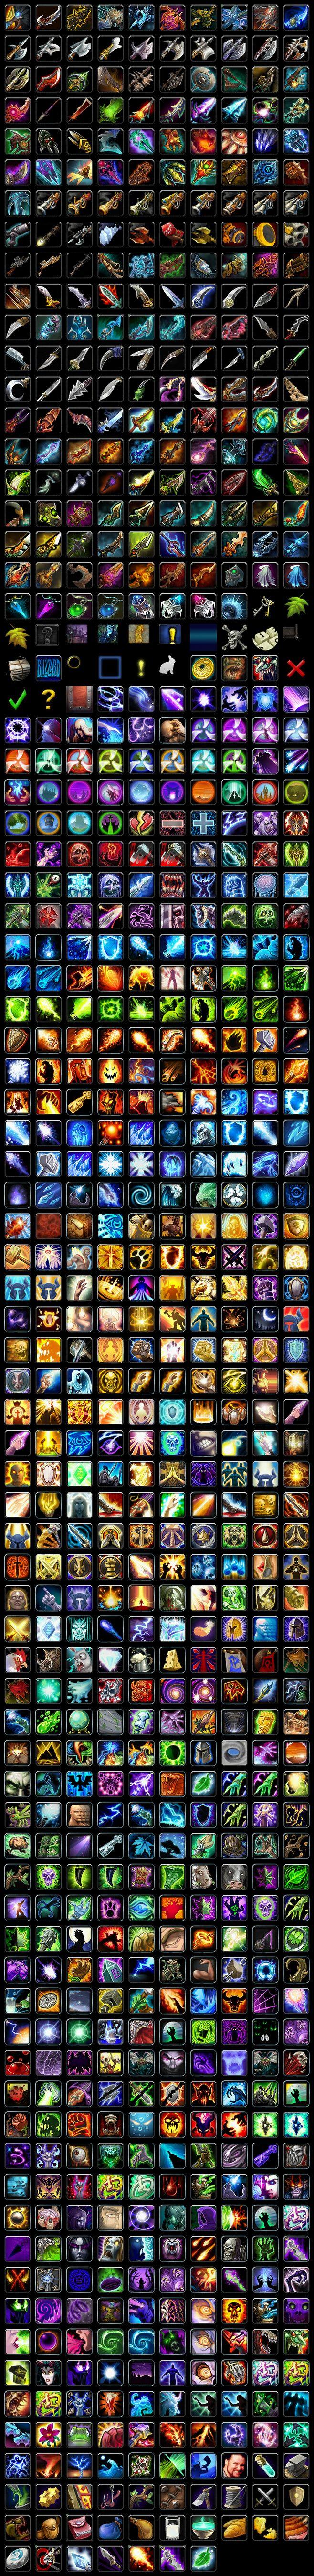 《魔兽世界》3.0图标_05